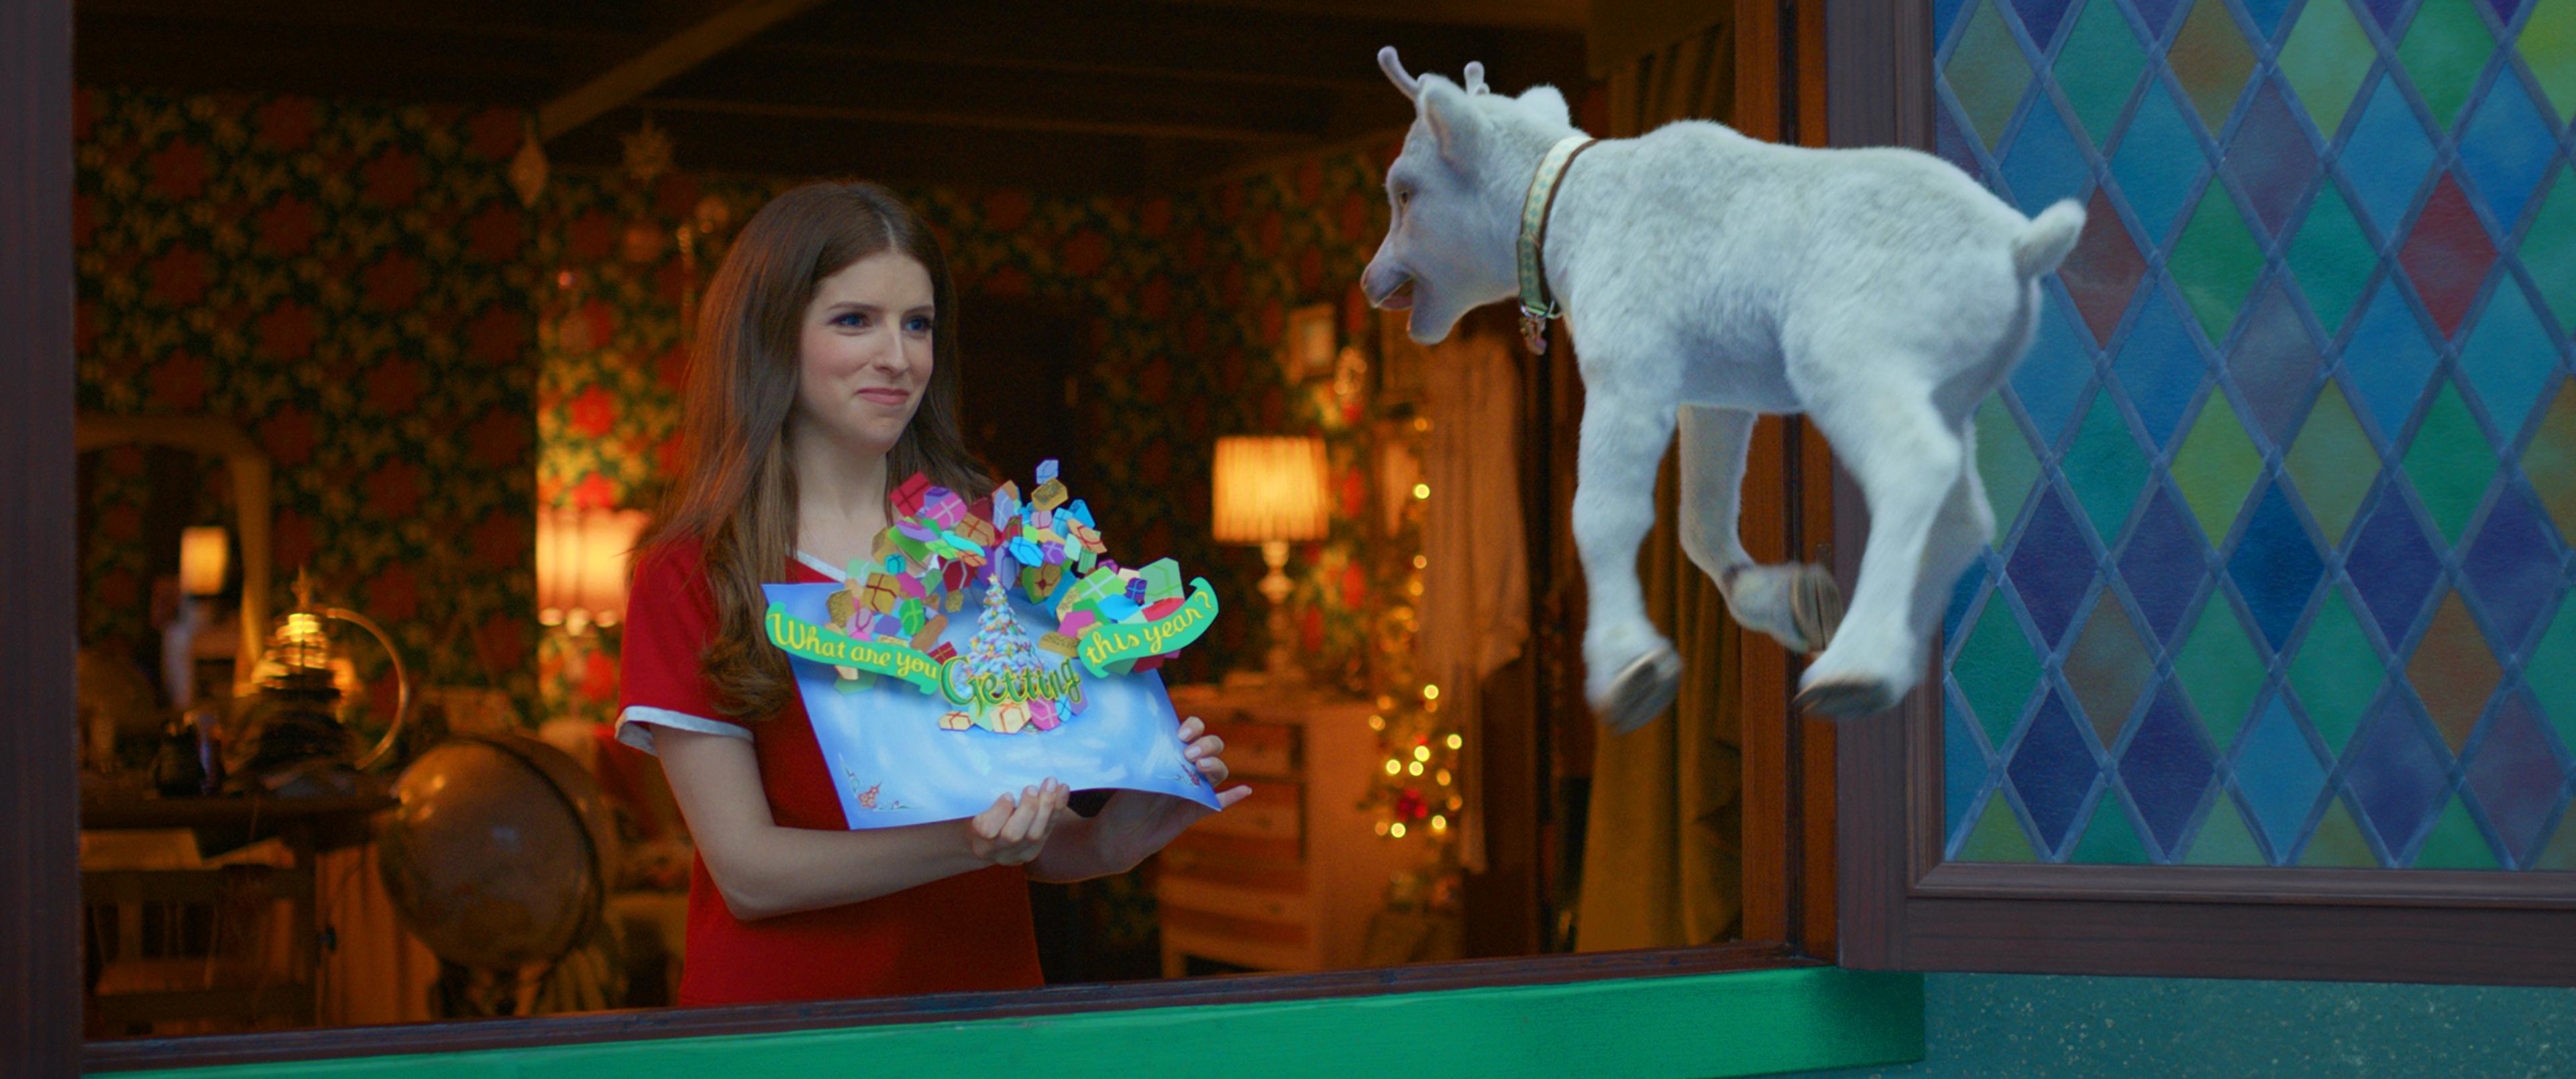 Snow Cone Reindeer Noelle